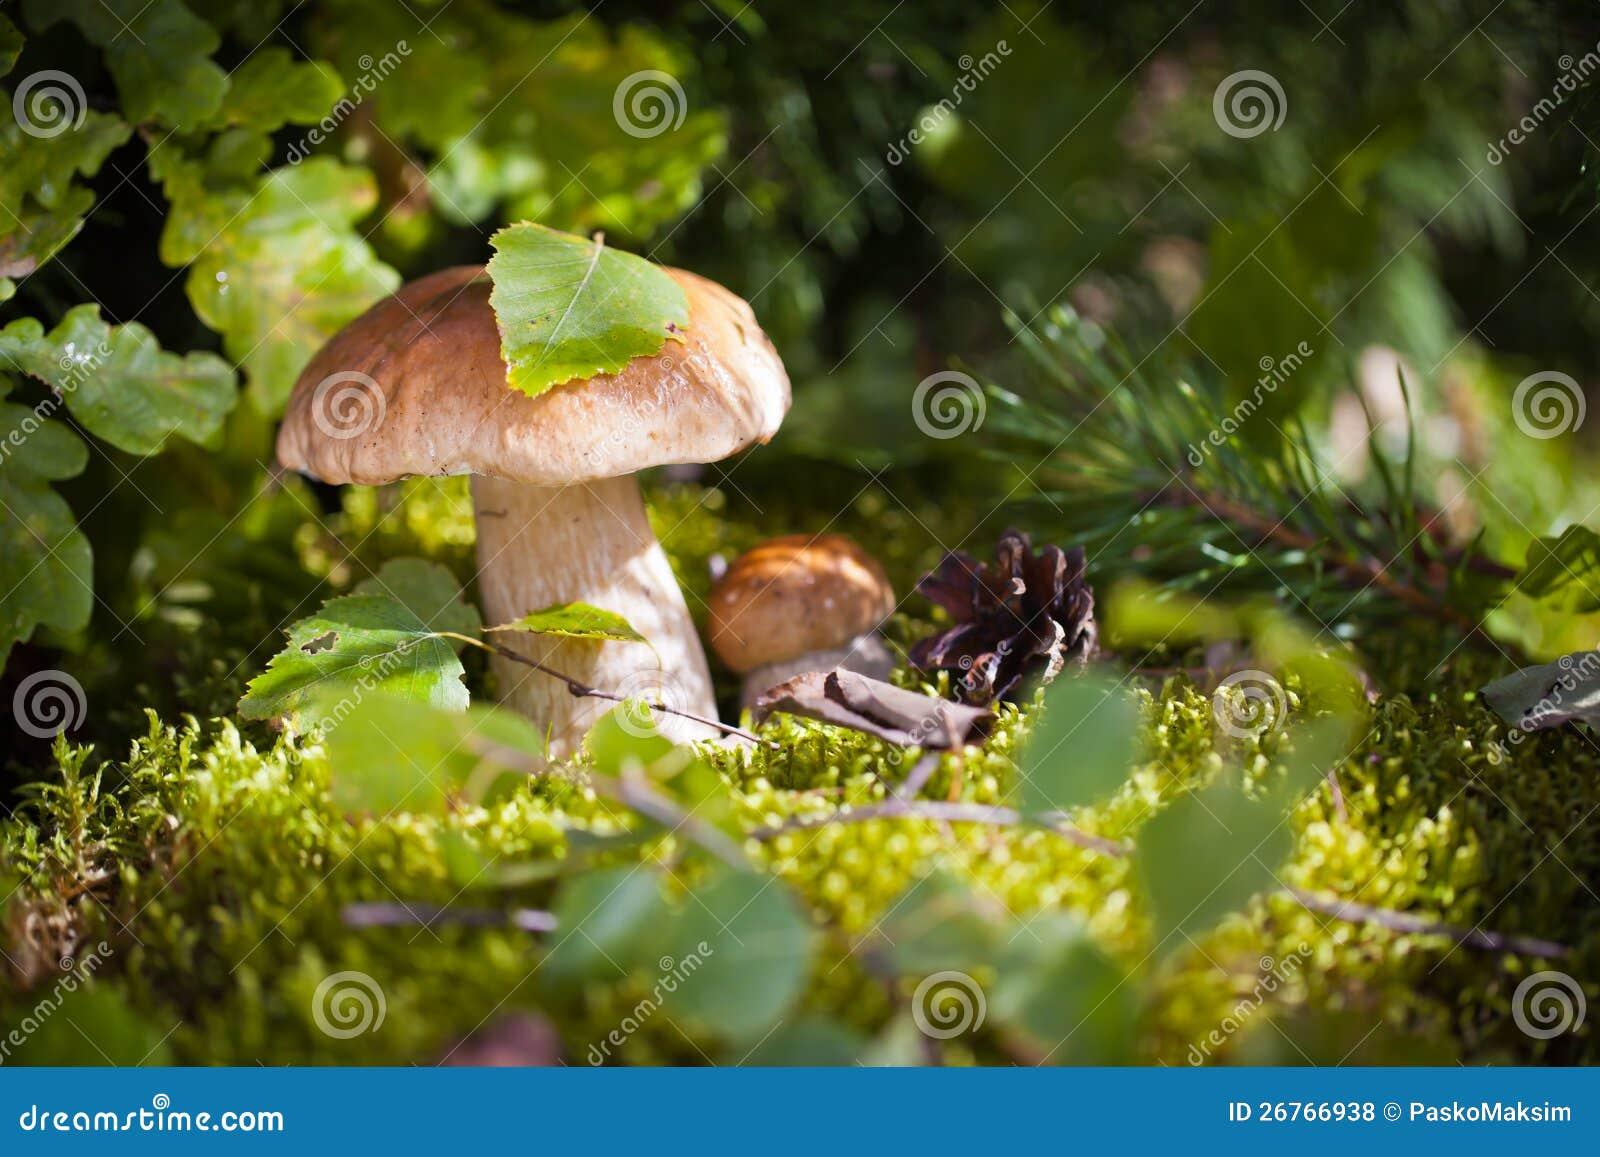 Champignons de couche communs dans la forêt